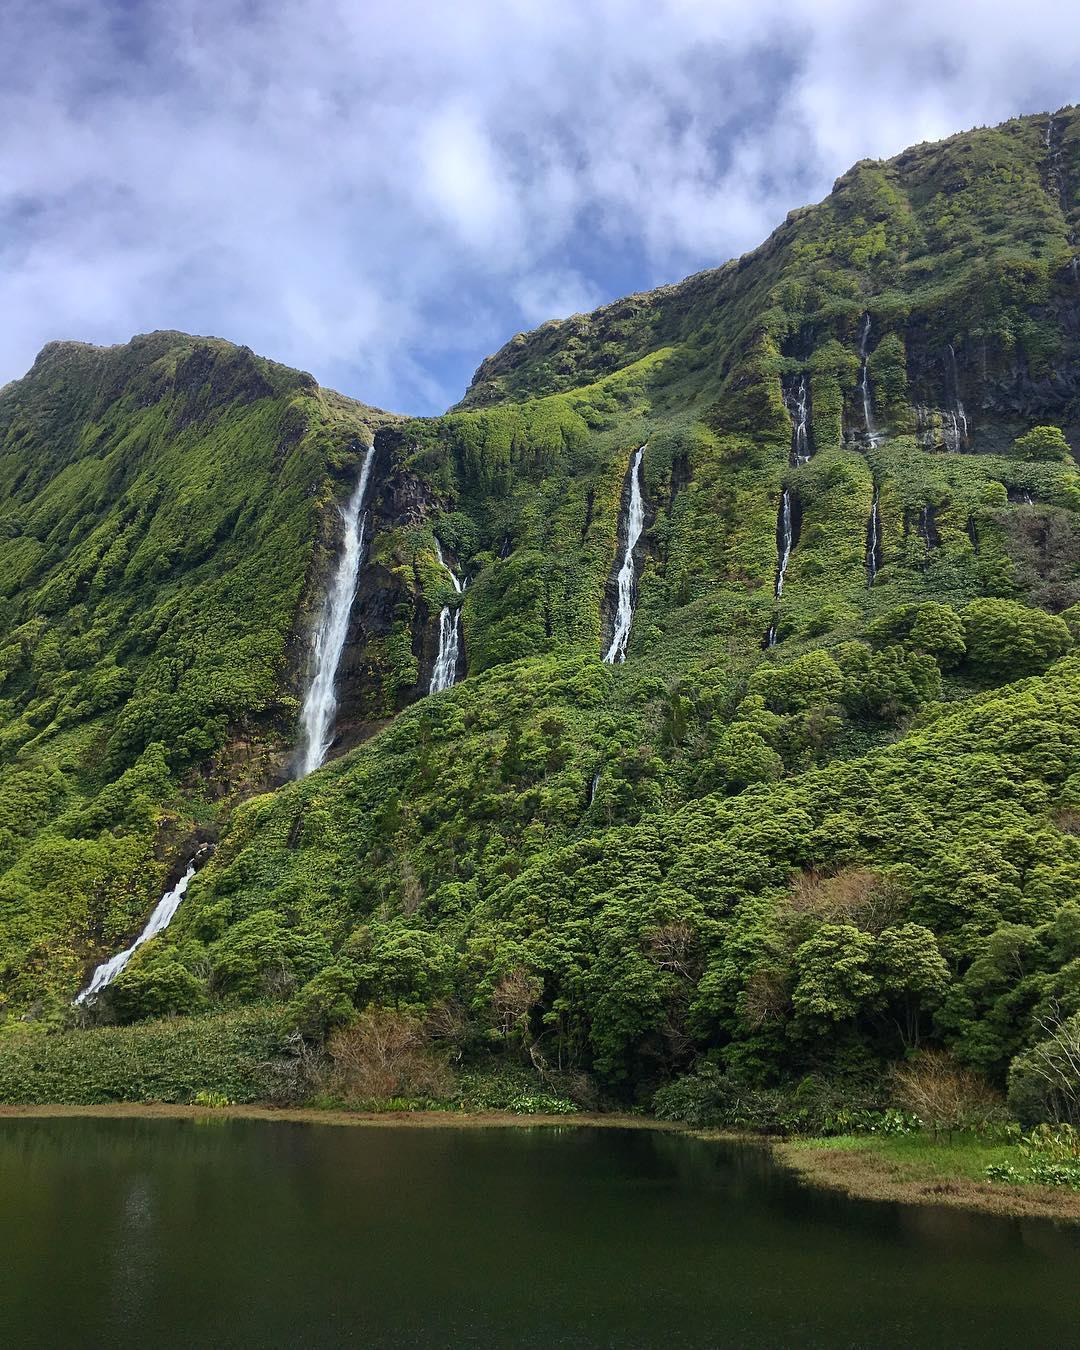 Açores Considerado o Destino Com As Paisagens Mais Bonitas Da Europa 6